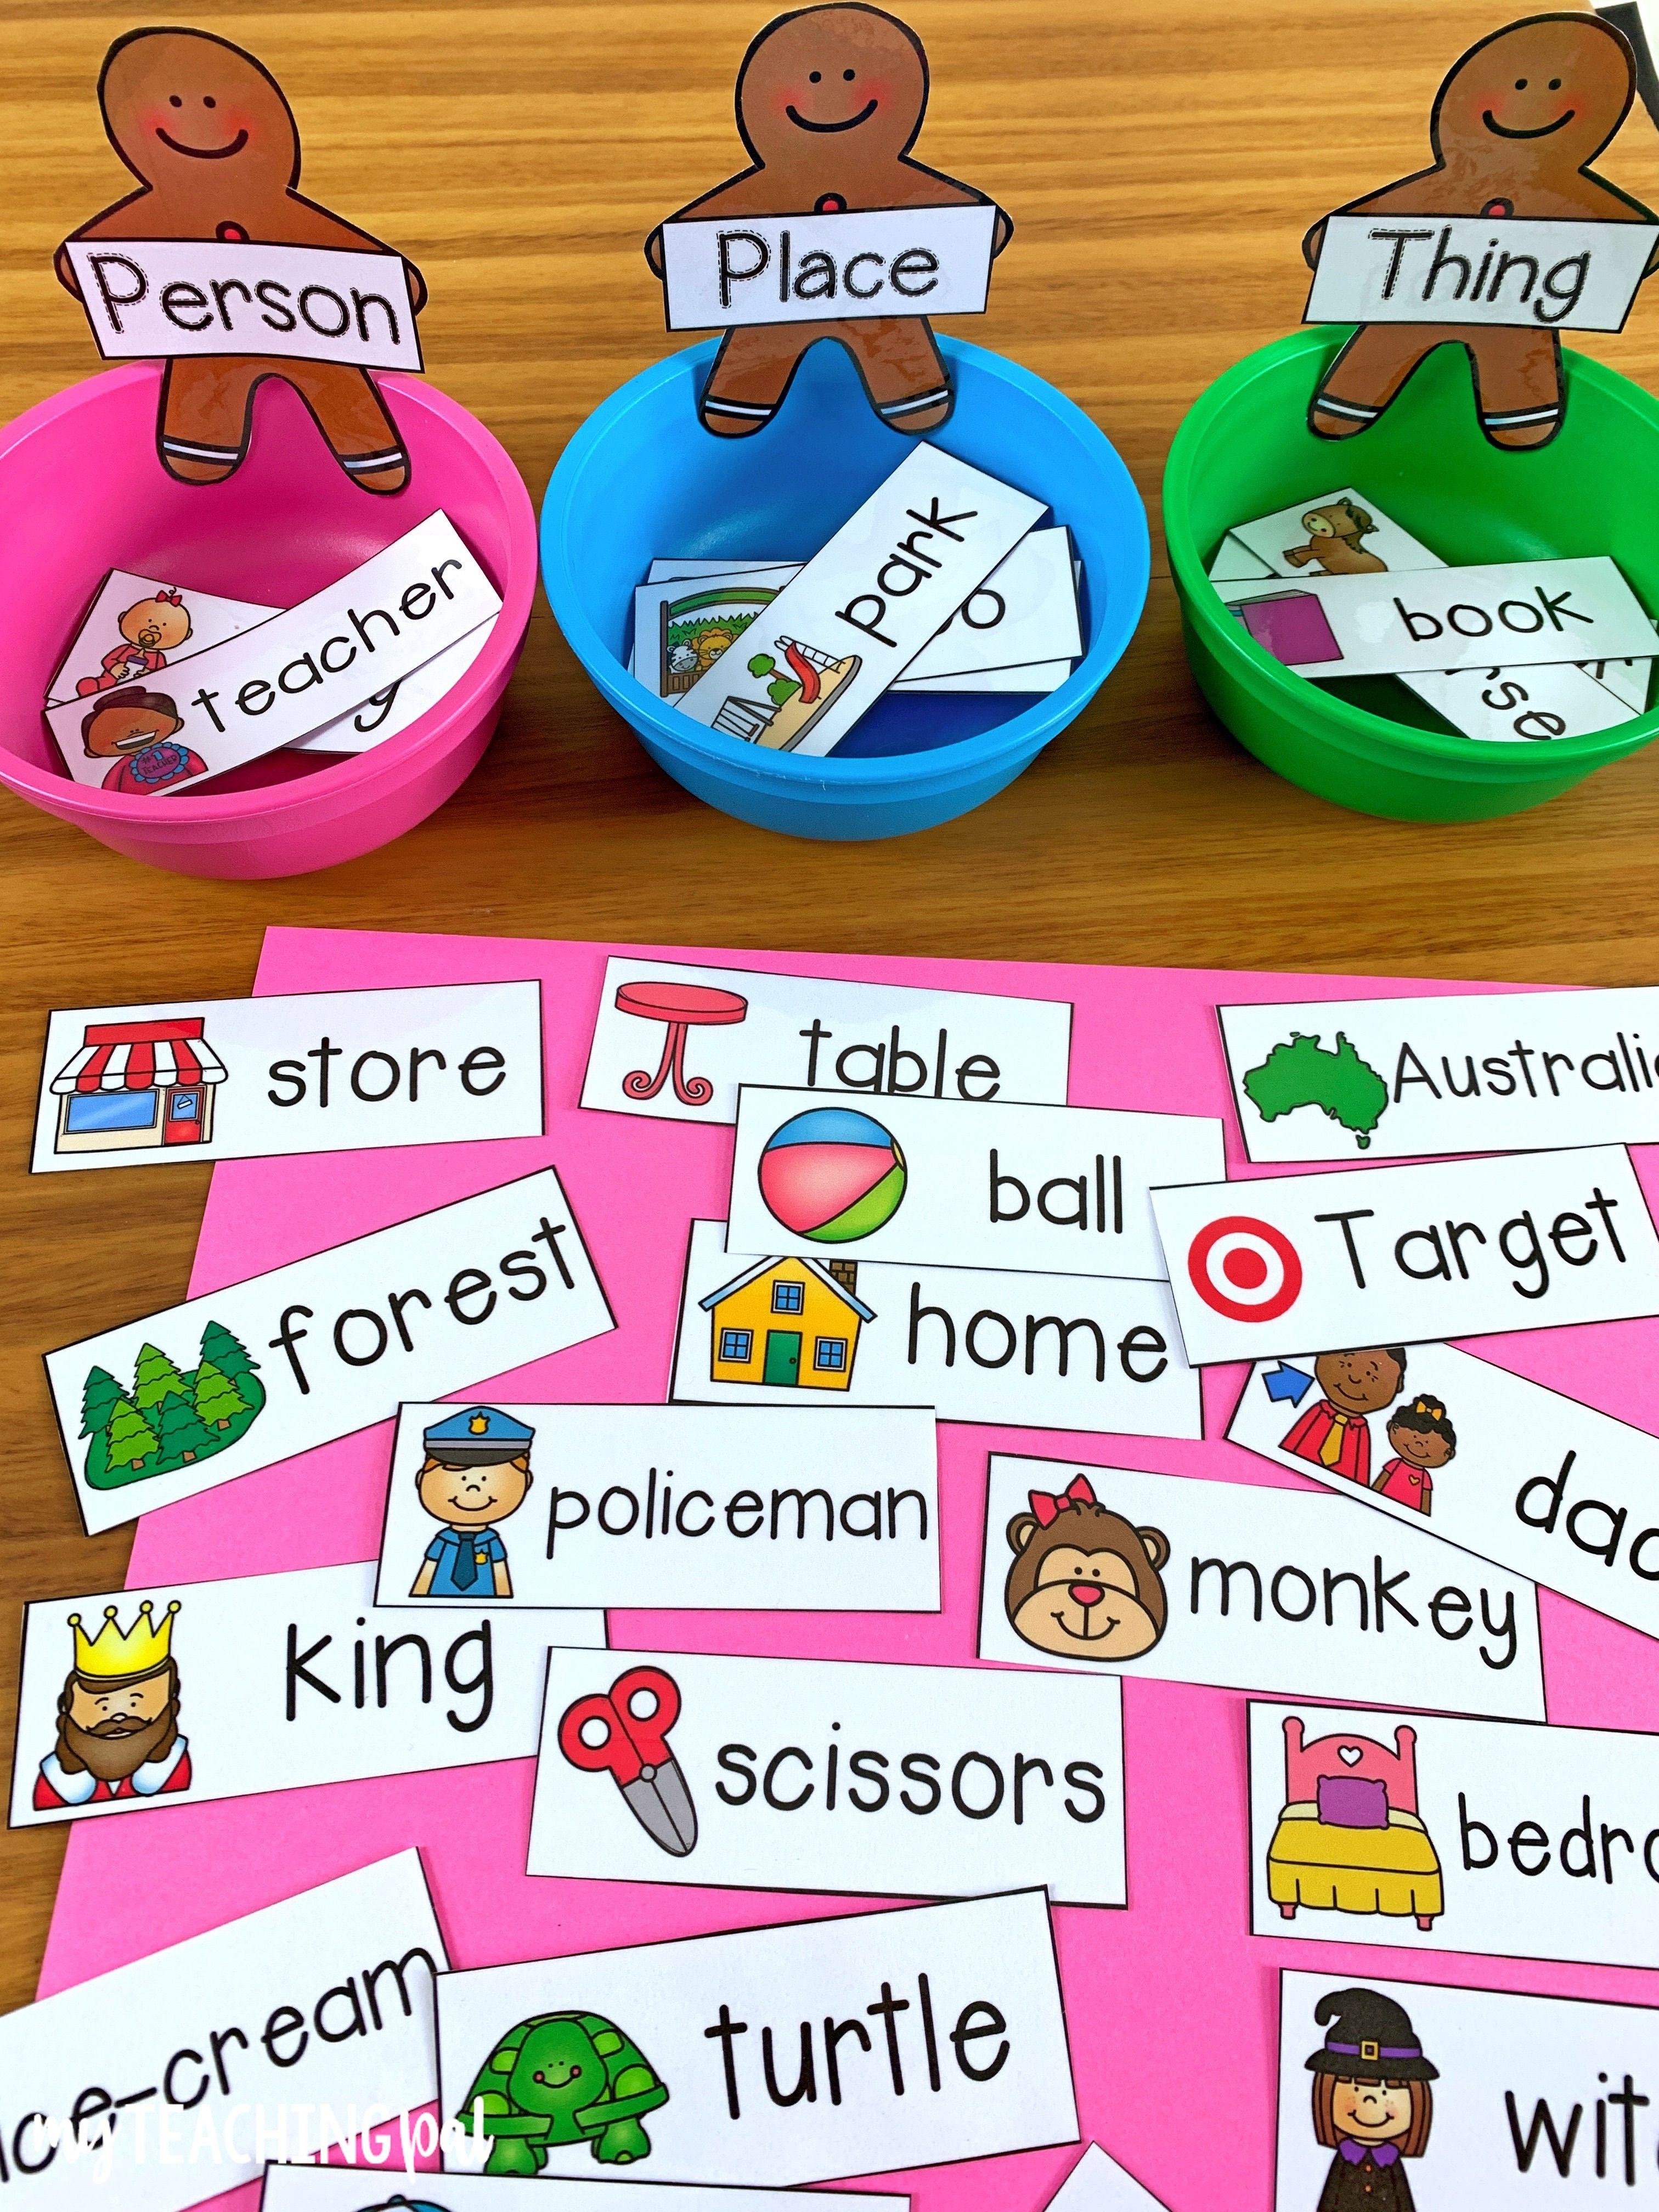 Gingerbread Activities For Kindergarten Literacy And Math English Activities For Kids Kindergarten Activities Gingerbread Activities [ 4032 x 3024 Pixel ]